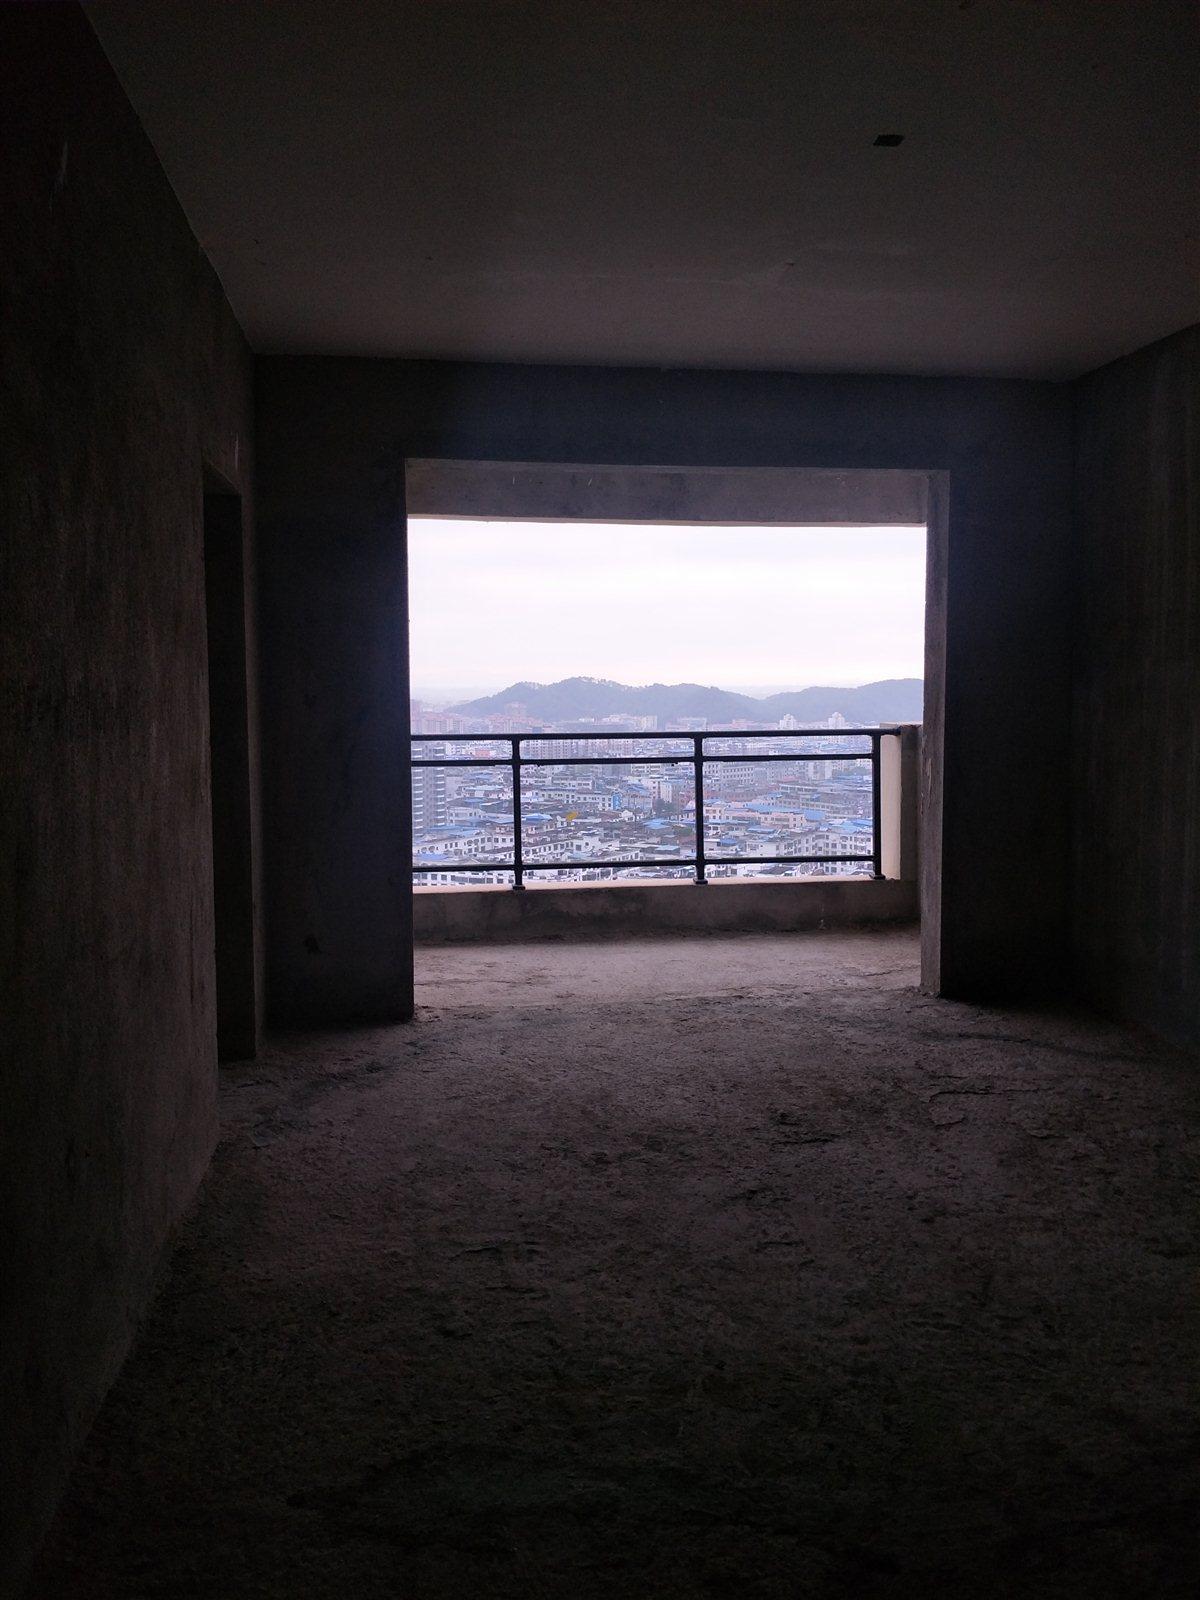 桃江龙城视野新天地俯瞰全城风景